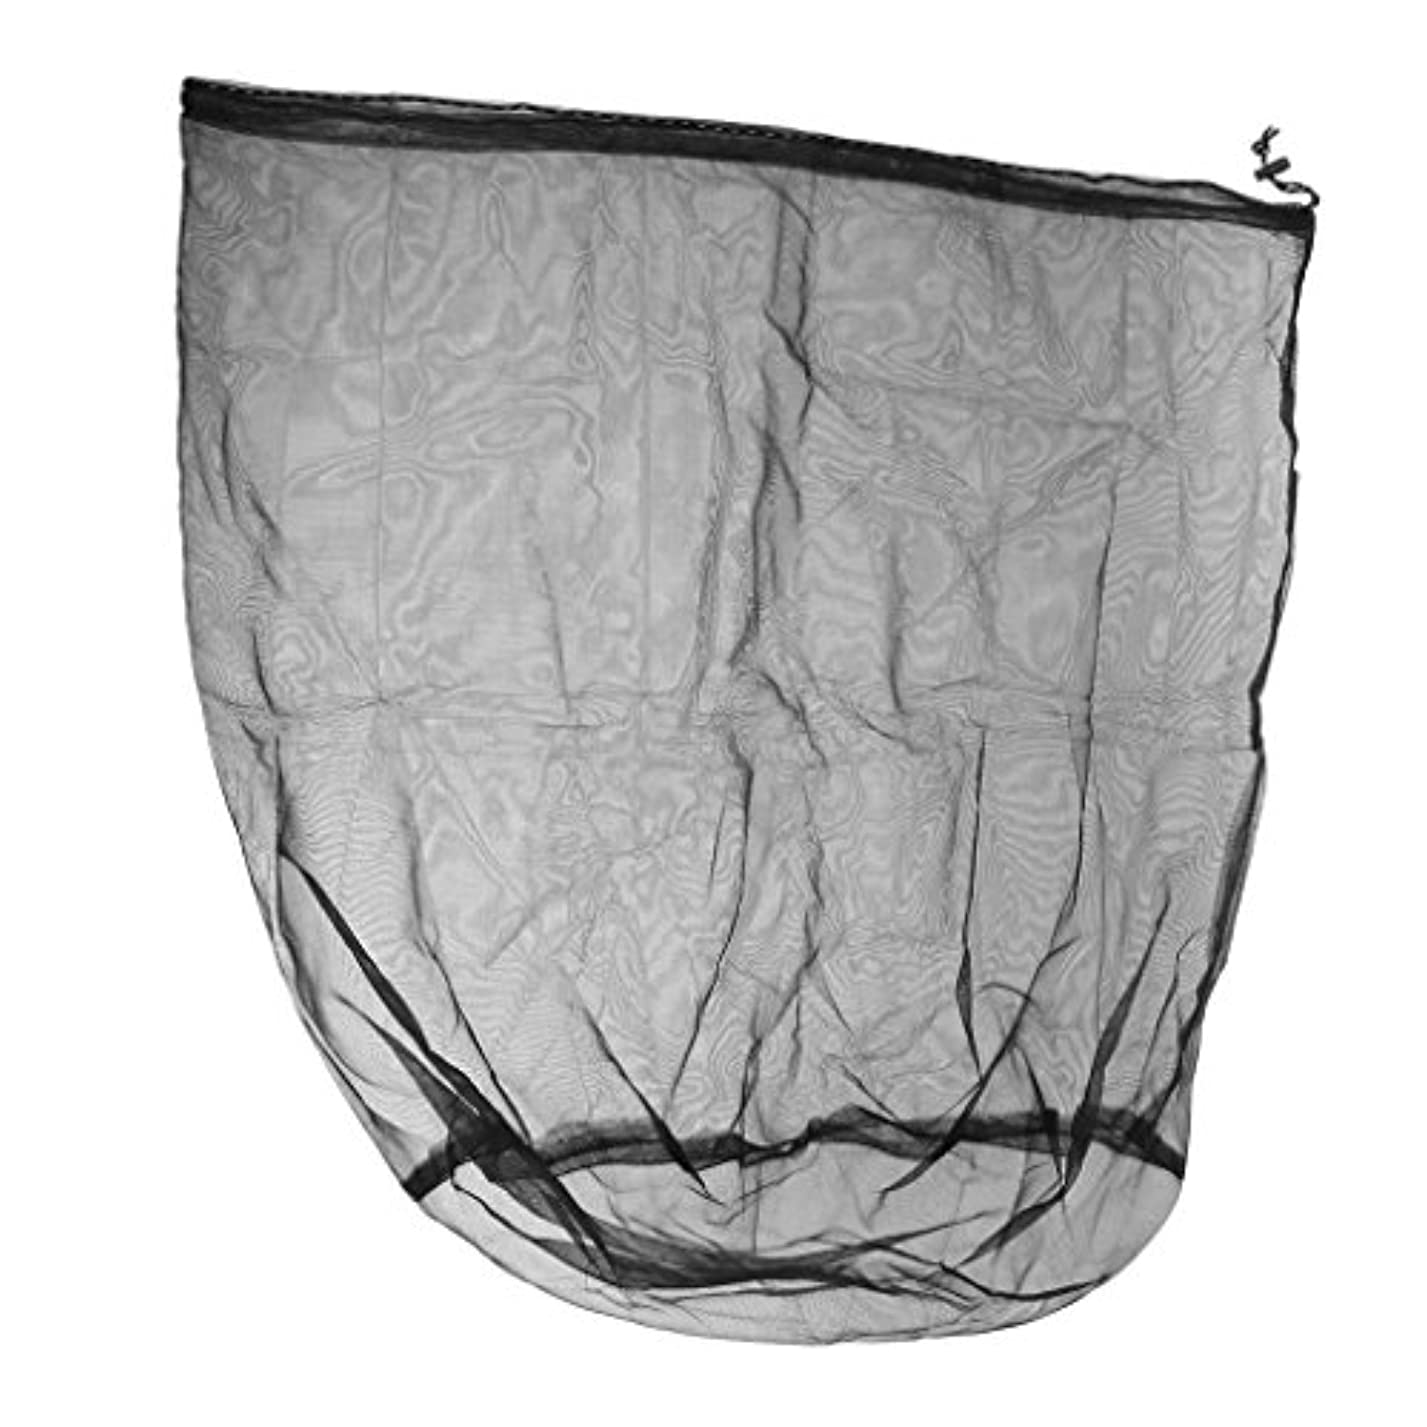 忠実なフェデレーション贅沢なBaoblaze 超軽量 メッシュ スタッフ袋 寝袋収納バッグ キャンプ用